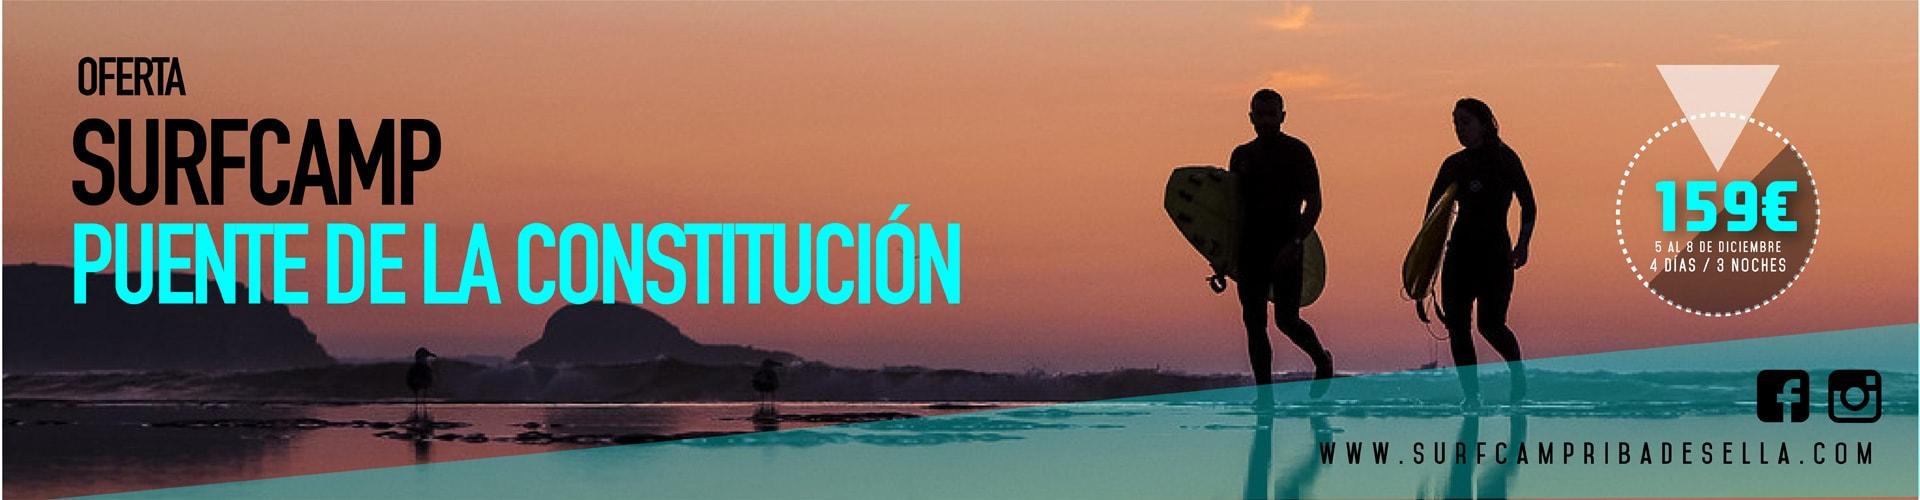 Oferta Surfcamp Puente Constitución 2019